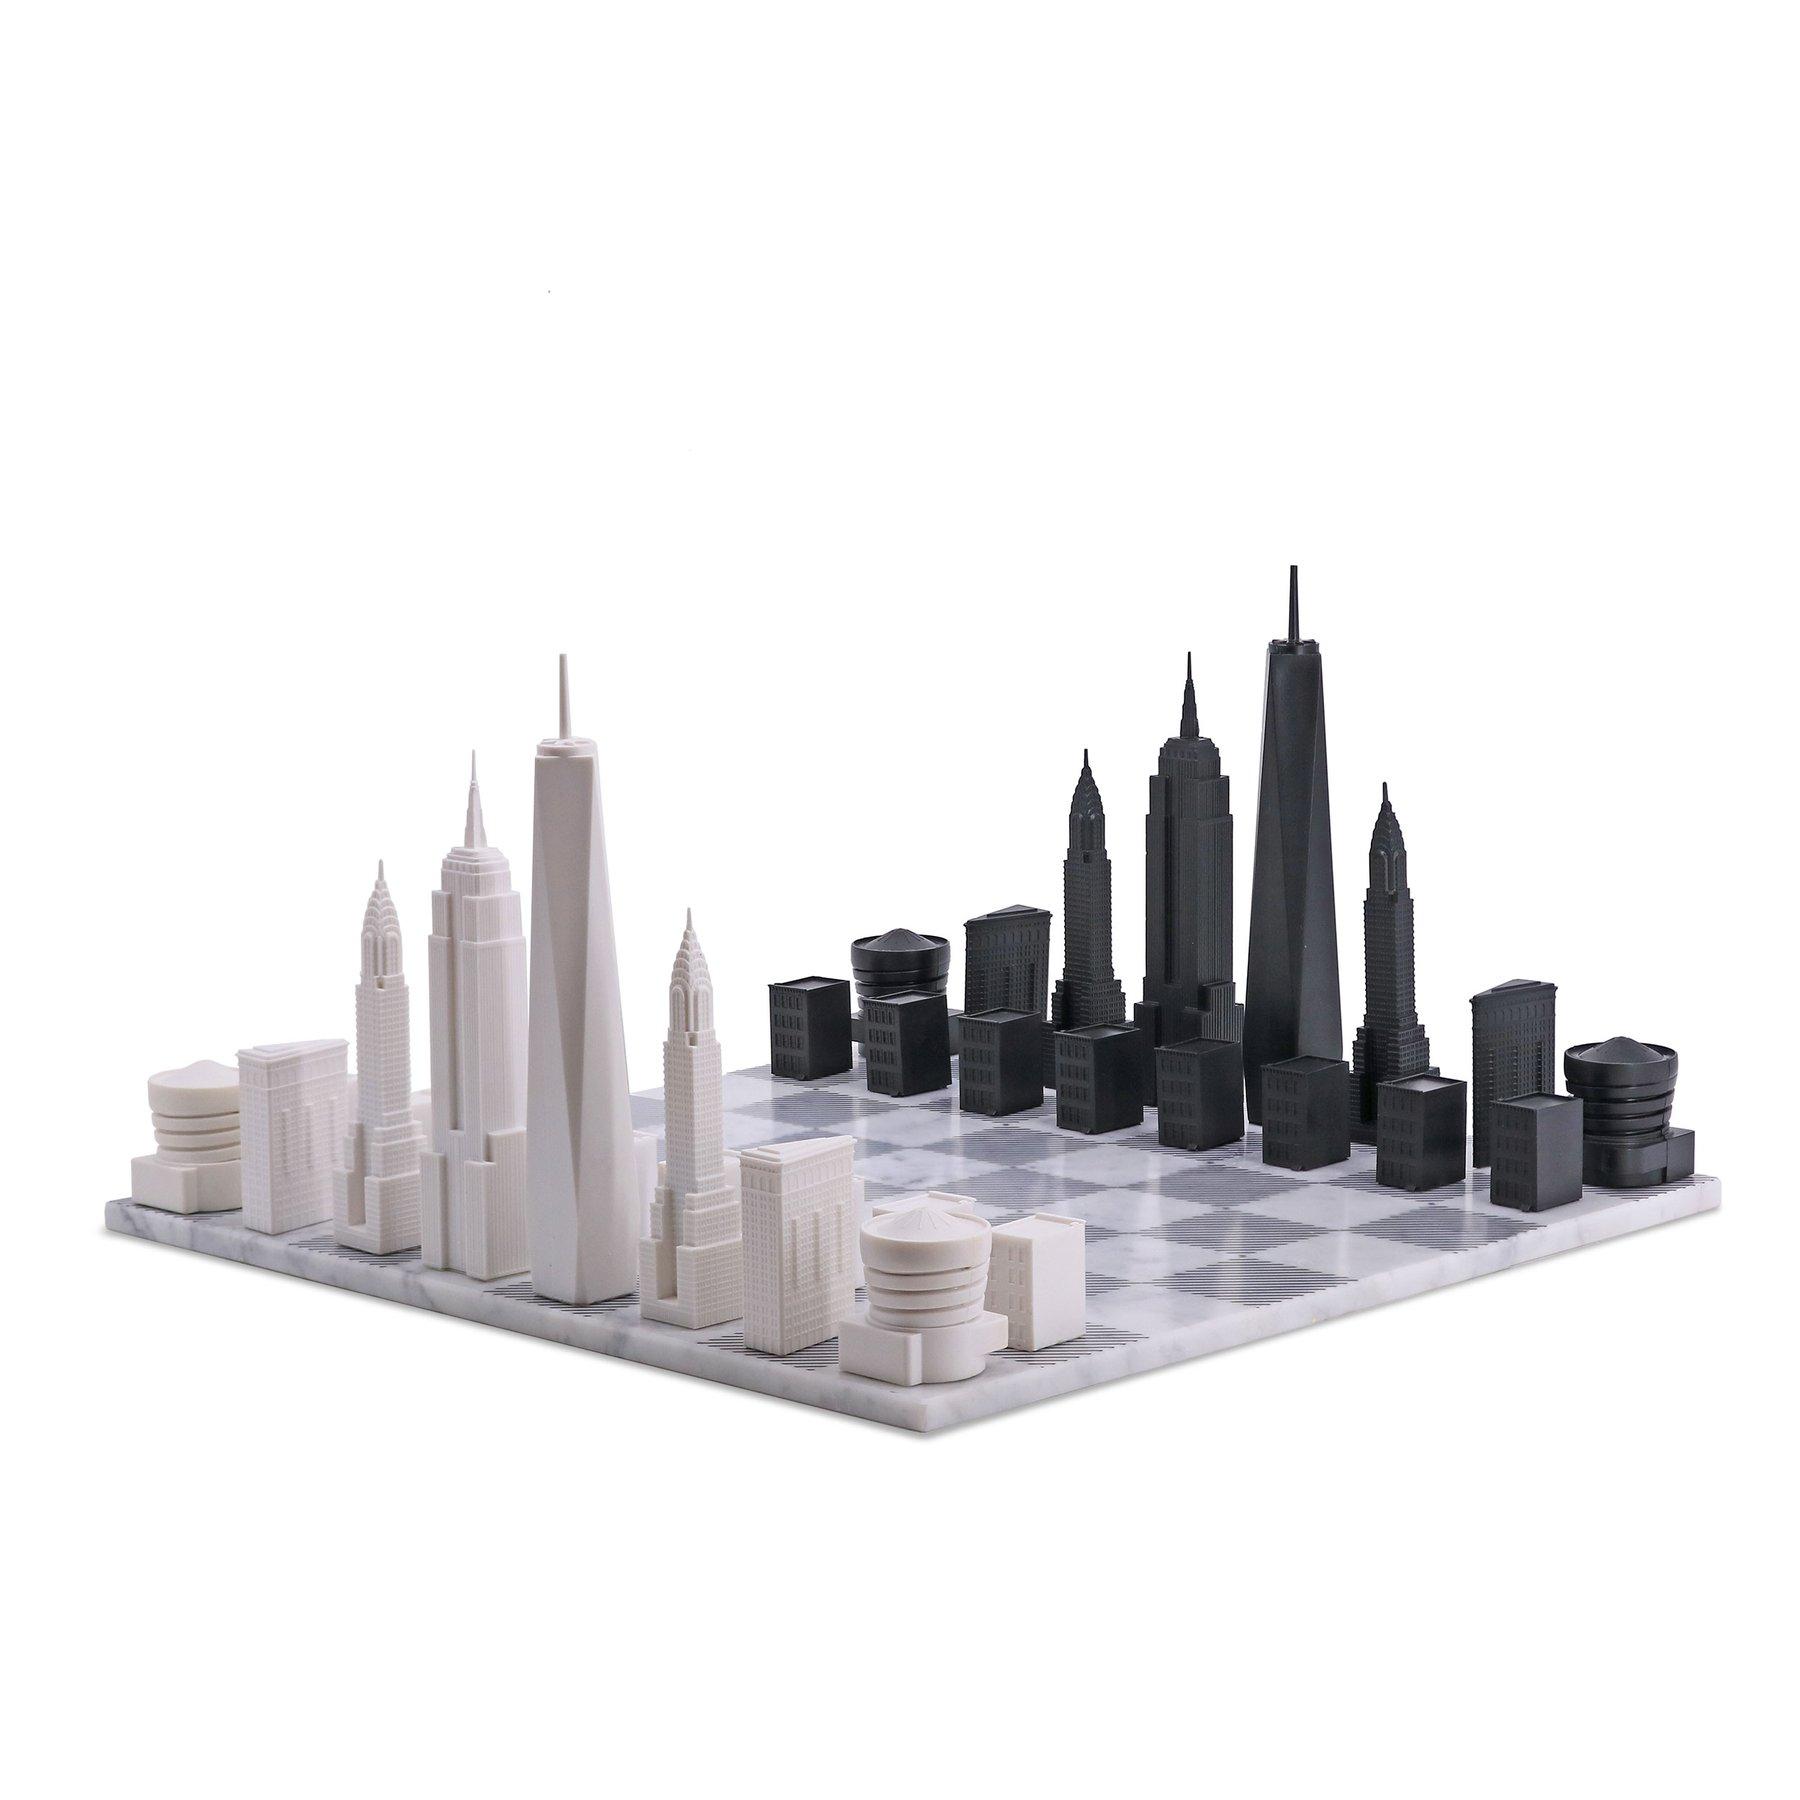 画像1: 【Skyline Chess 】ニューヨークシティエディション チェスセット 大理石ボード /木製ボード marble  チェス  スカイラインチェス THE NEW YORK CITY EDITION トイ オブジェ インテリア お洒落 おしゃれ かっこいい モダン ギフト  (1)